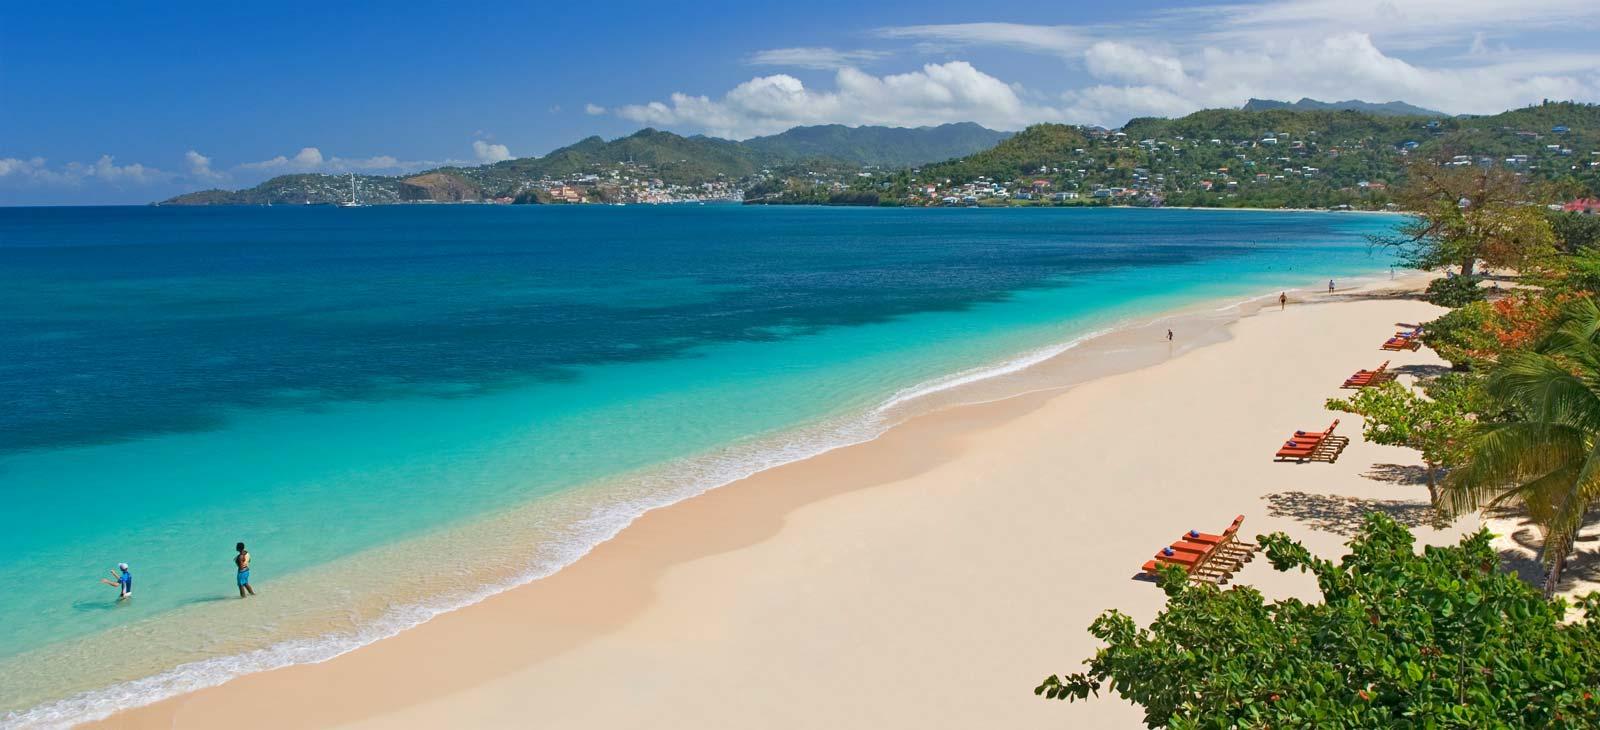 Grand Anse Beach